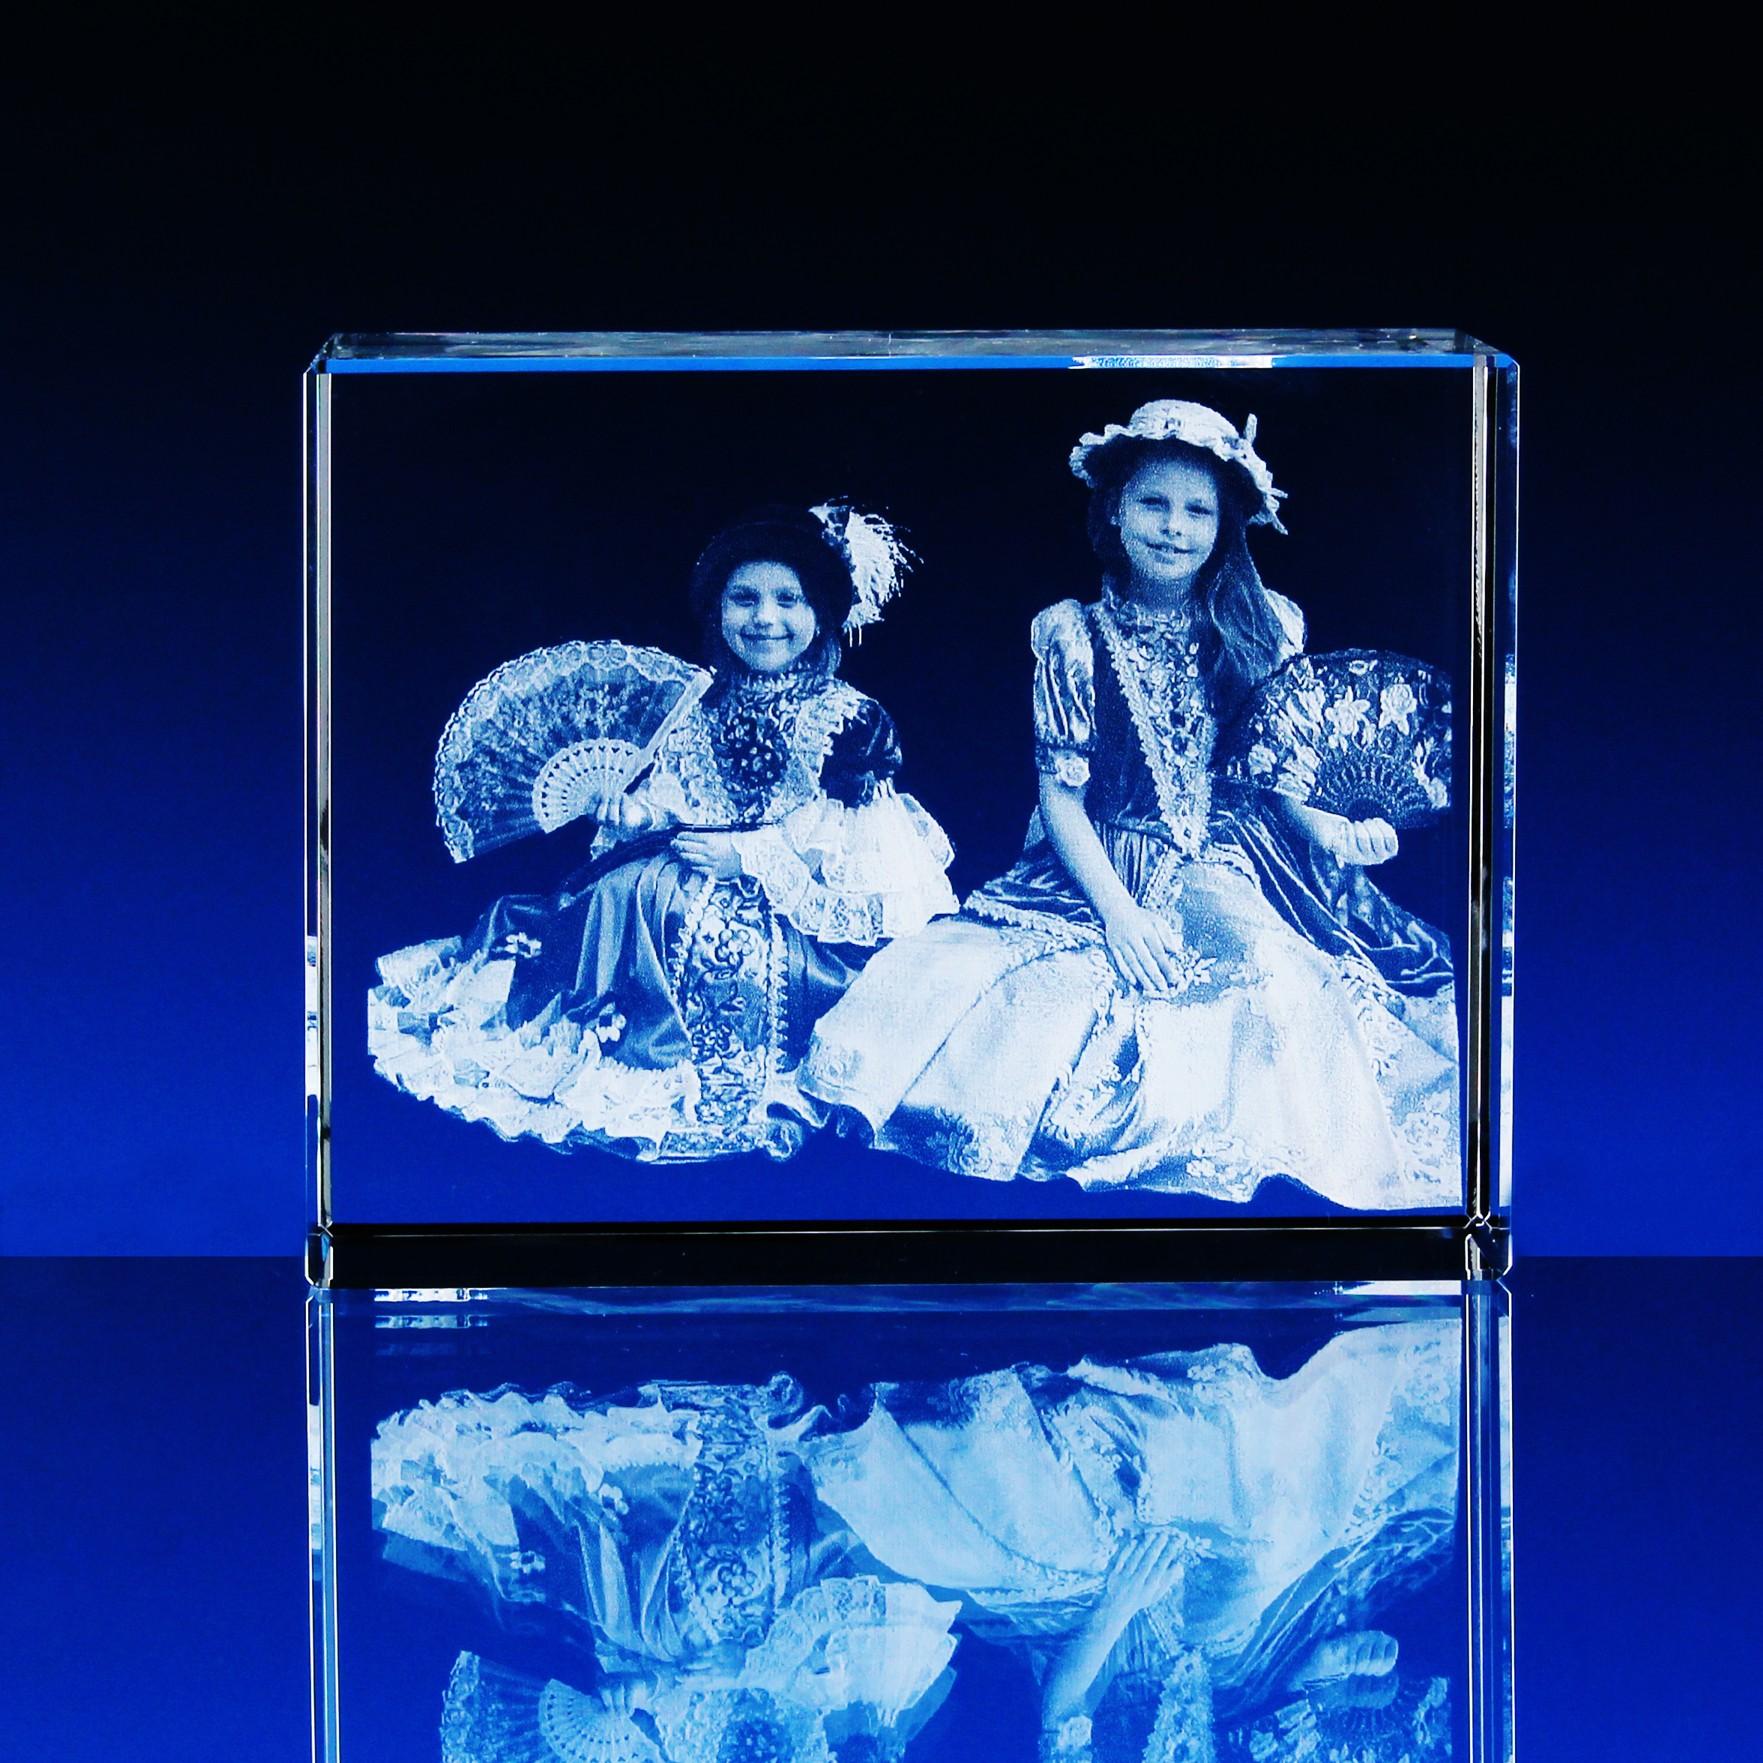 ed6a40776 3D Laserovaná fotografie do skla - Portrét v kvádru 180x120x80 mm (P309c)